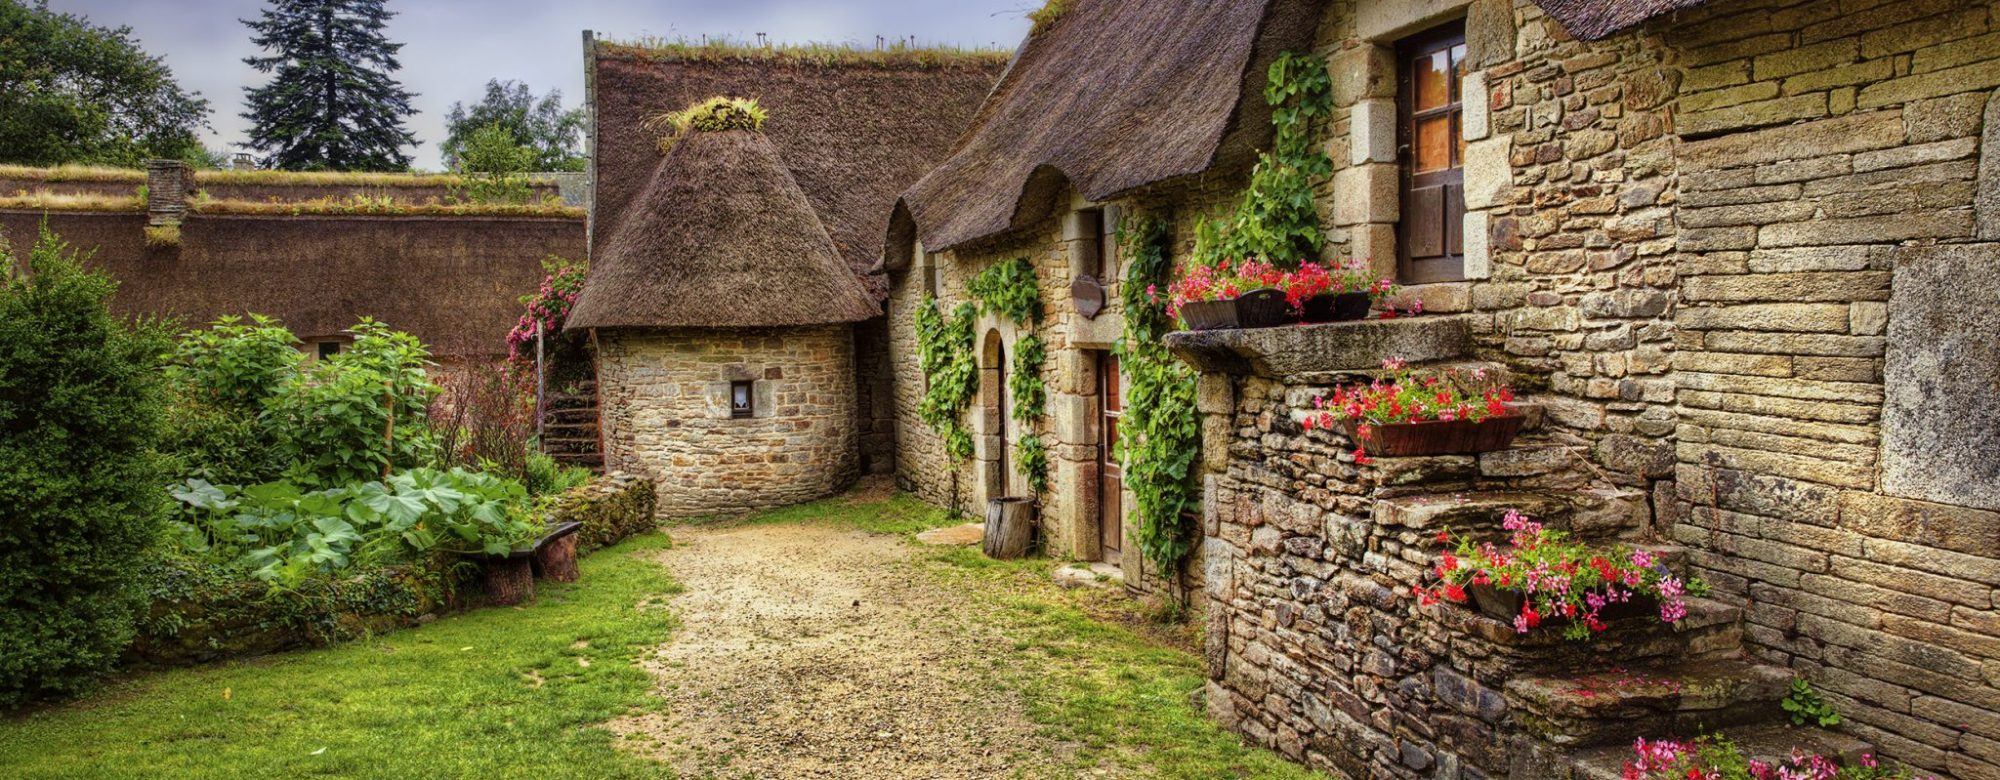 Habitation du village de Poul Fetan, Quistinic